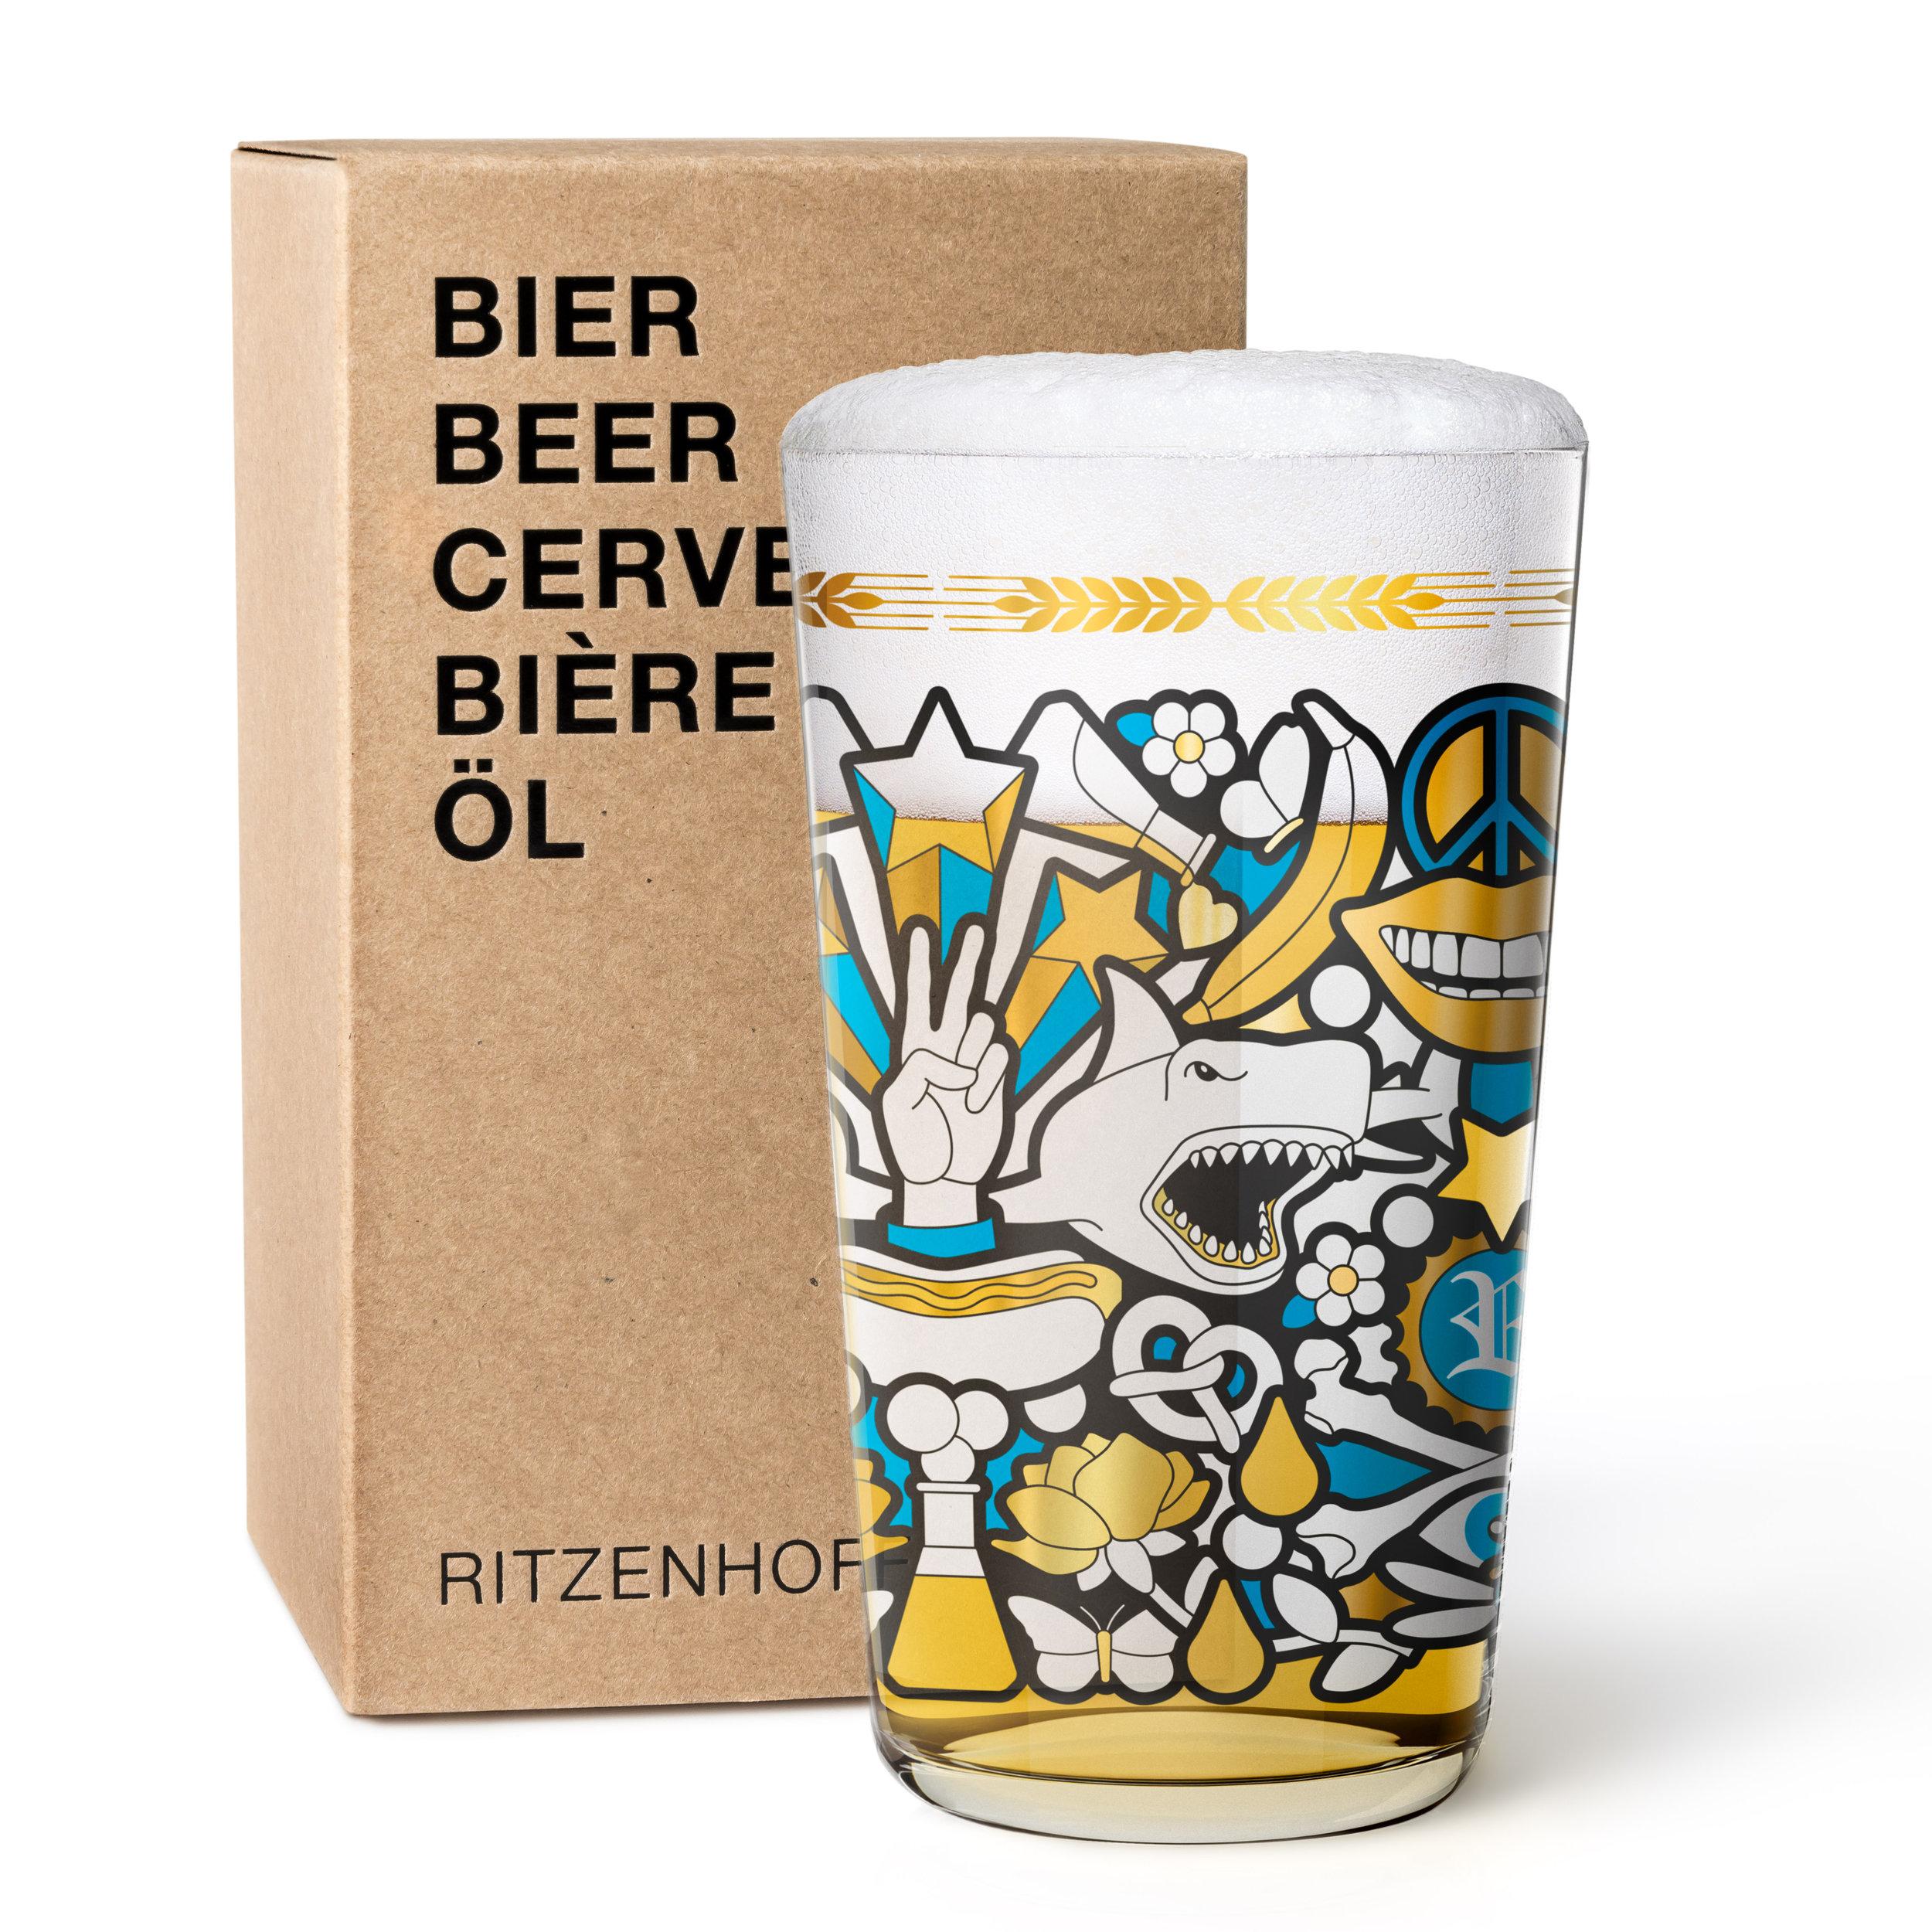 Ritzenhoff N25Y from White Brand Agency